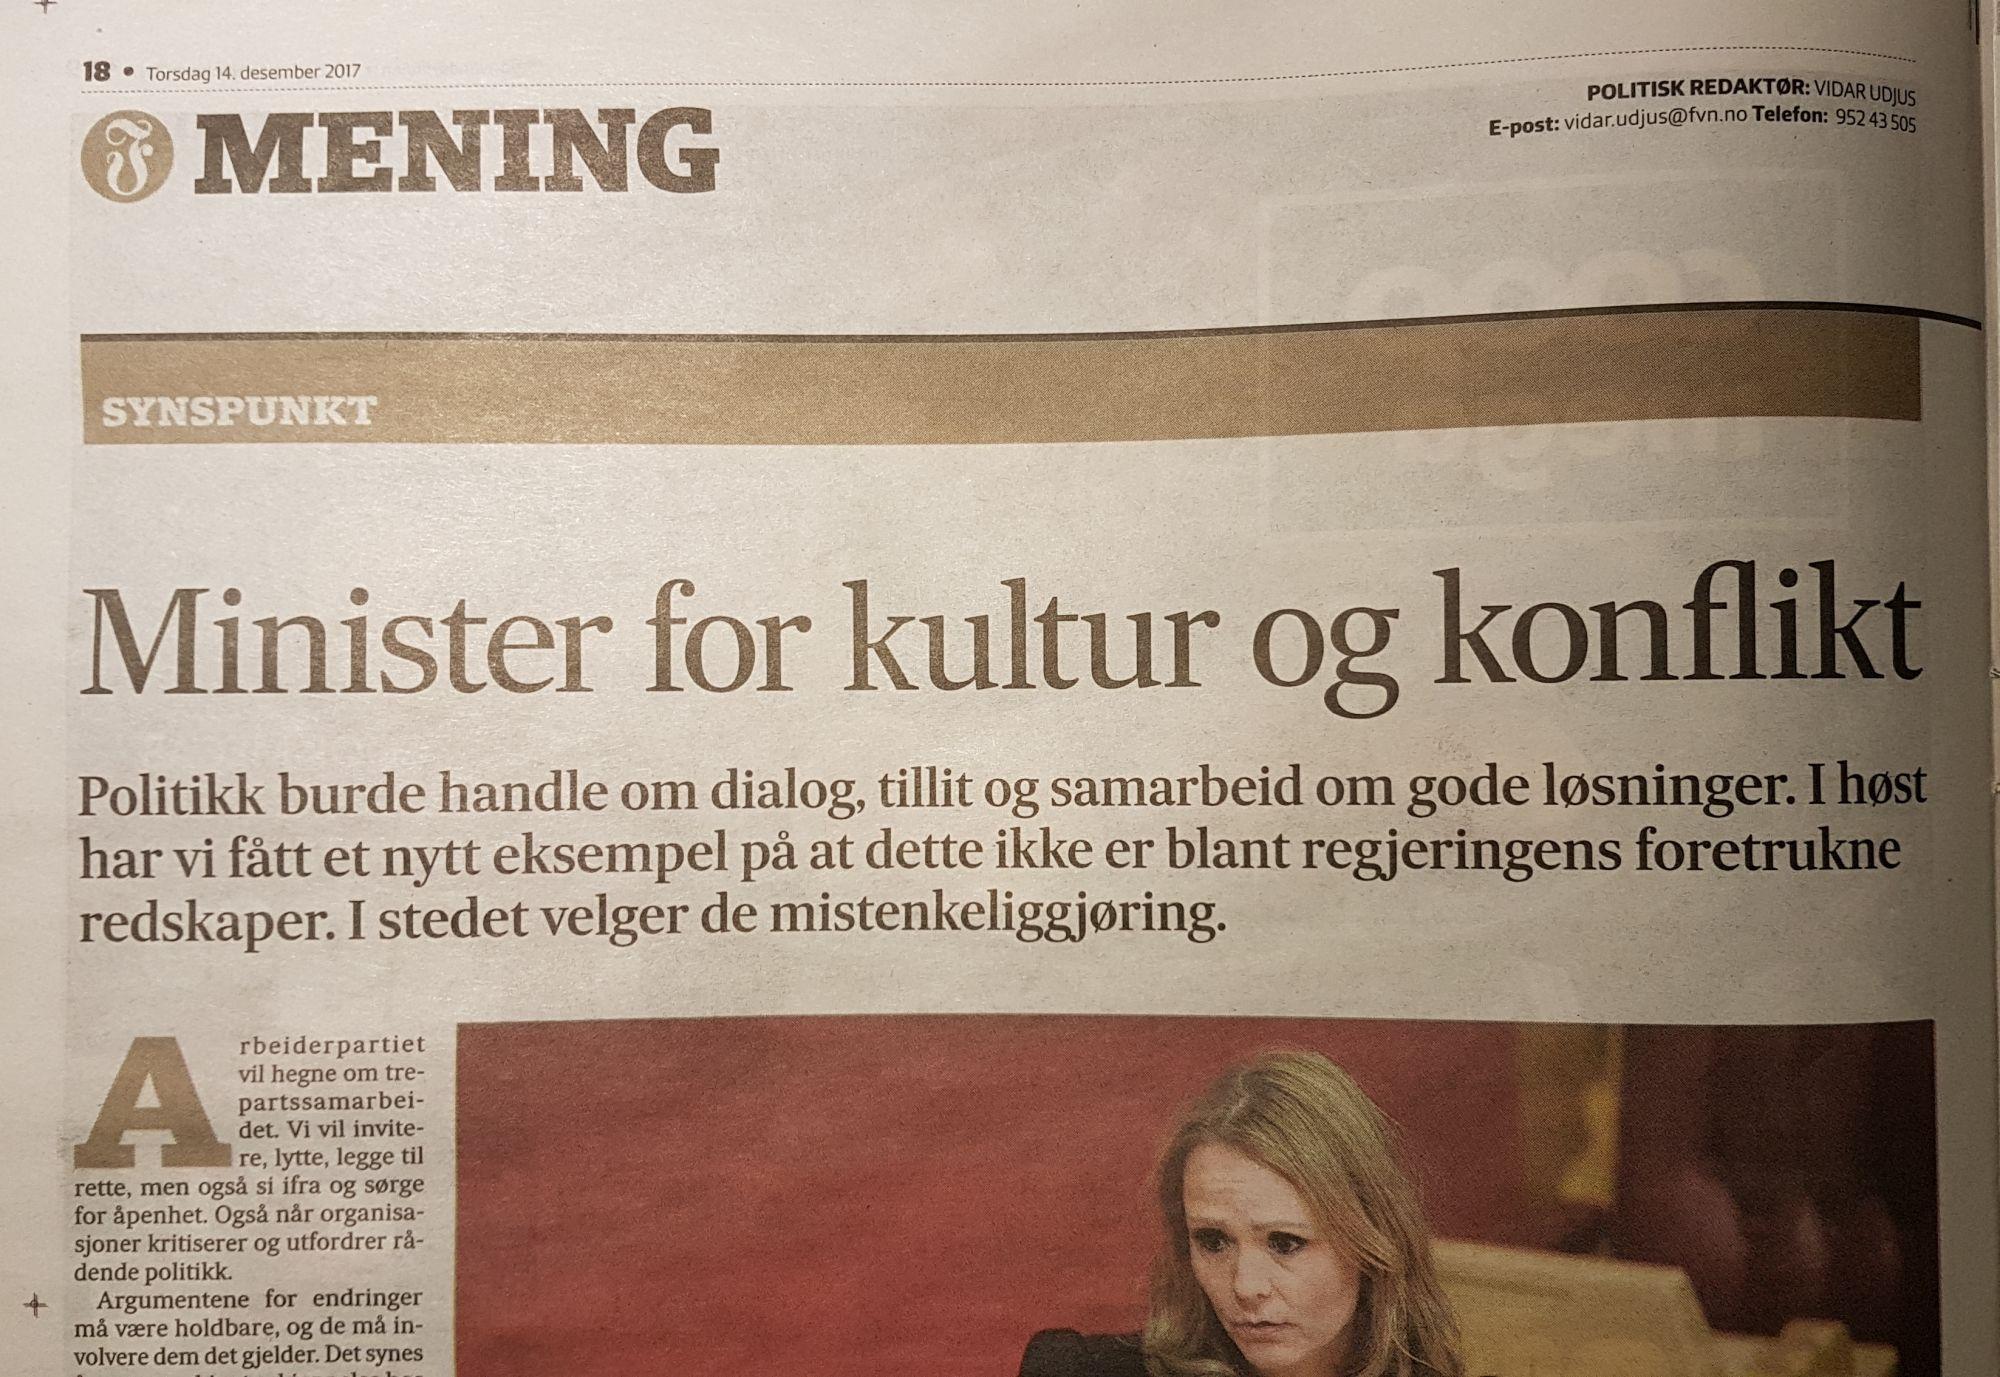 Minister for kultur og konflikt